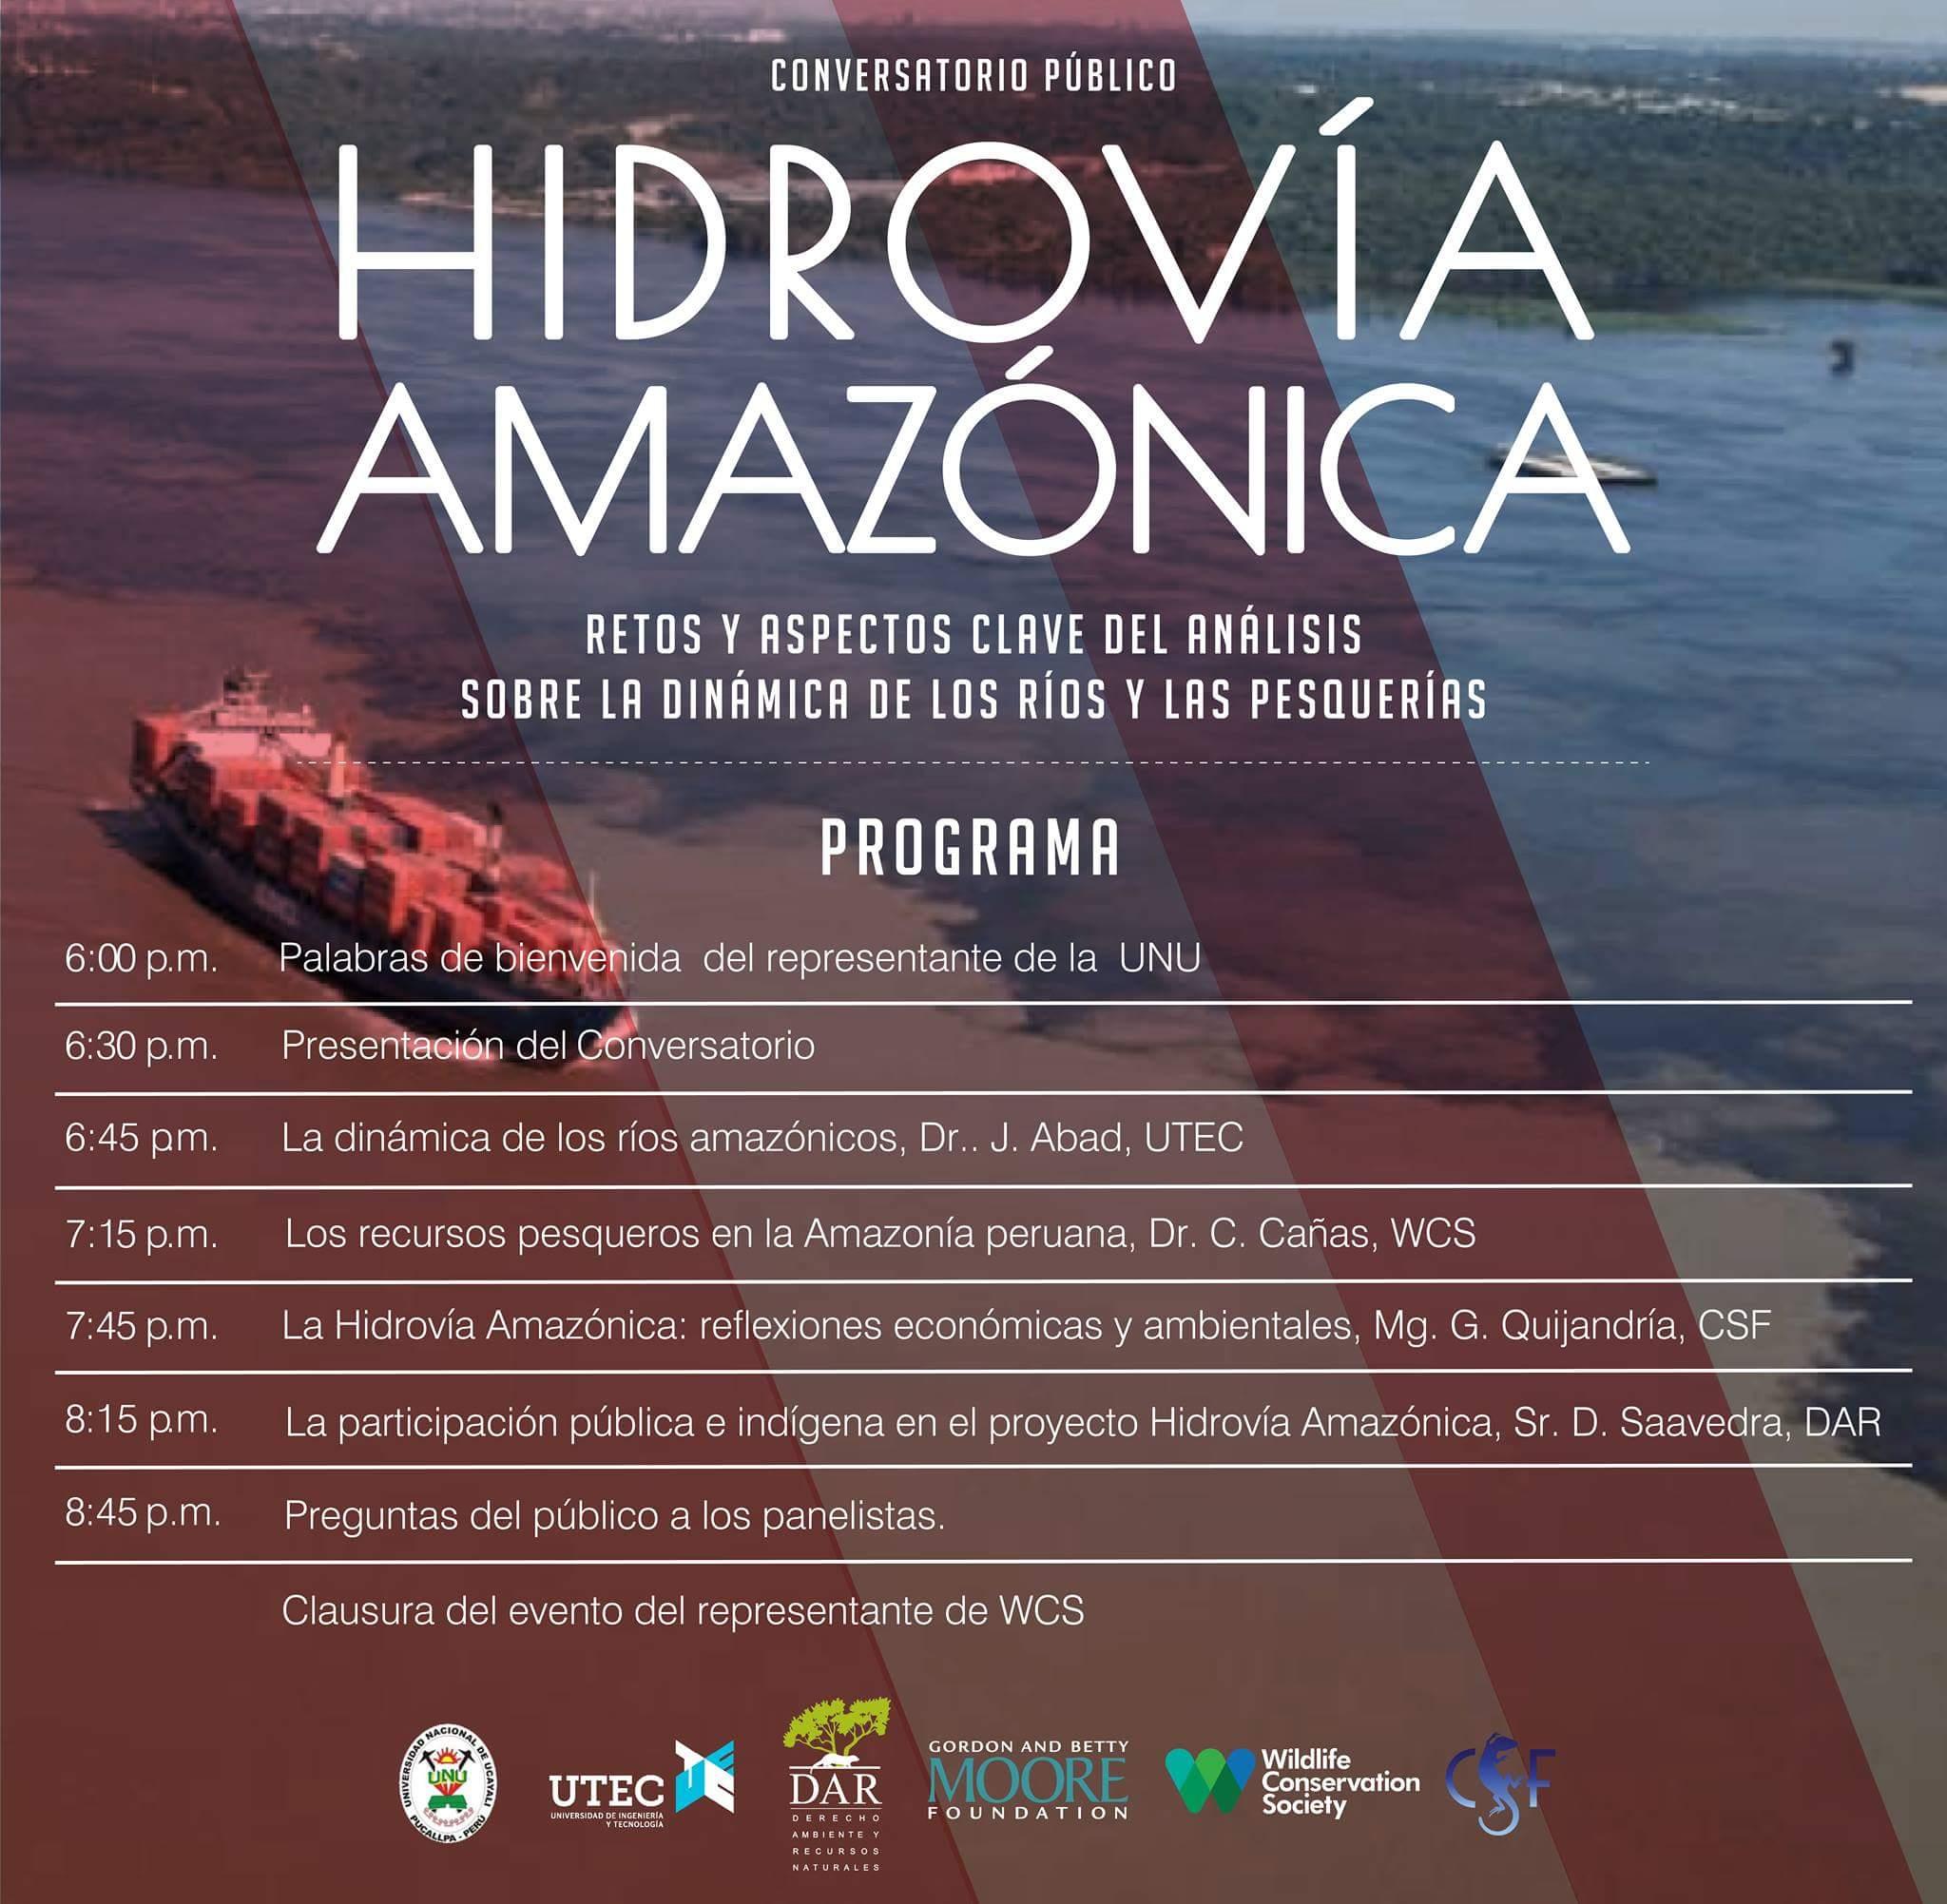 """Conversatorio público: """"La Hidrovía Amazónica: Retos y aspectos claves de análisis sobre las dinámicas de los ríos y las pesquerías"""""""